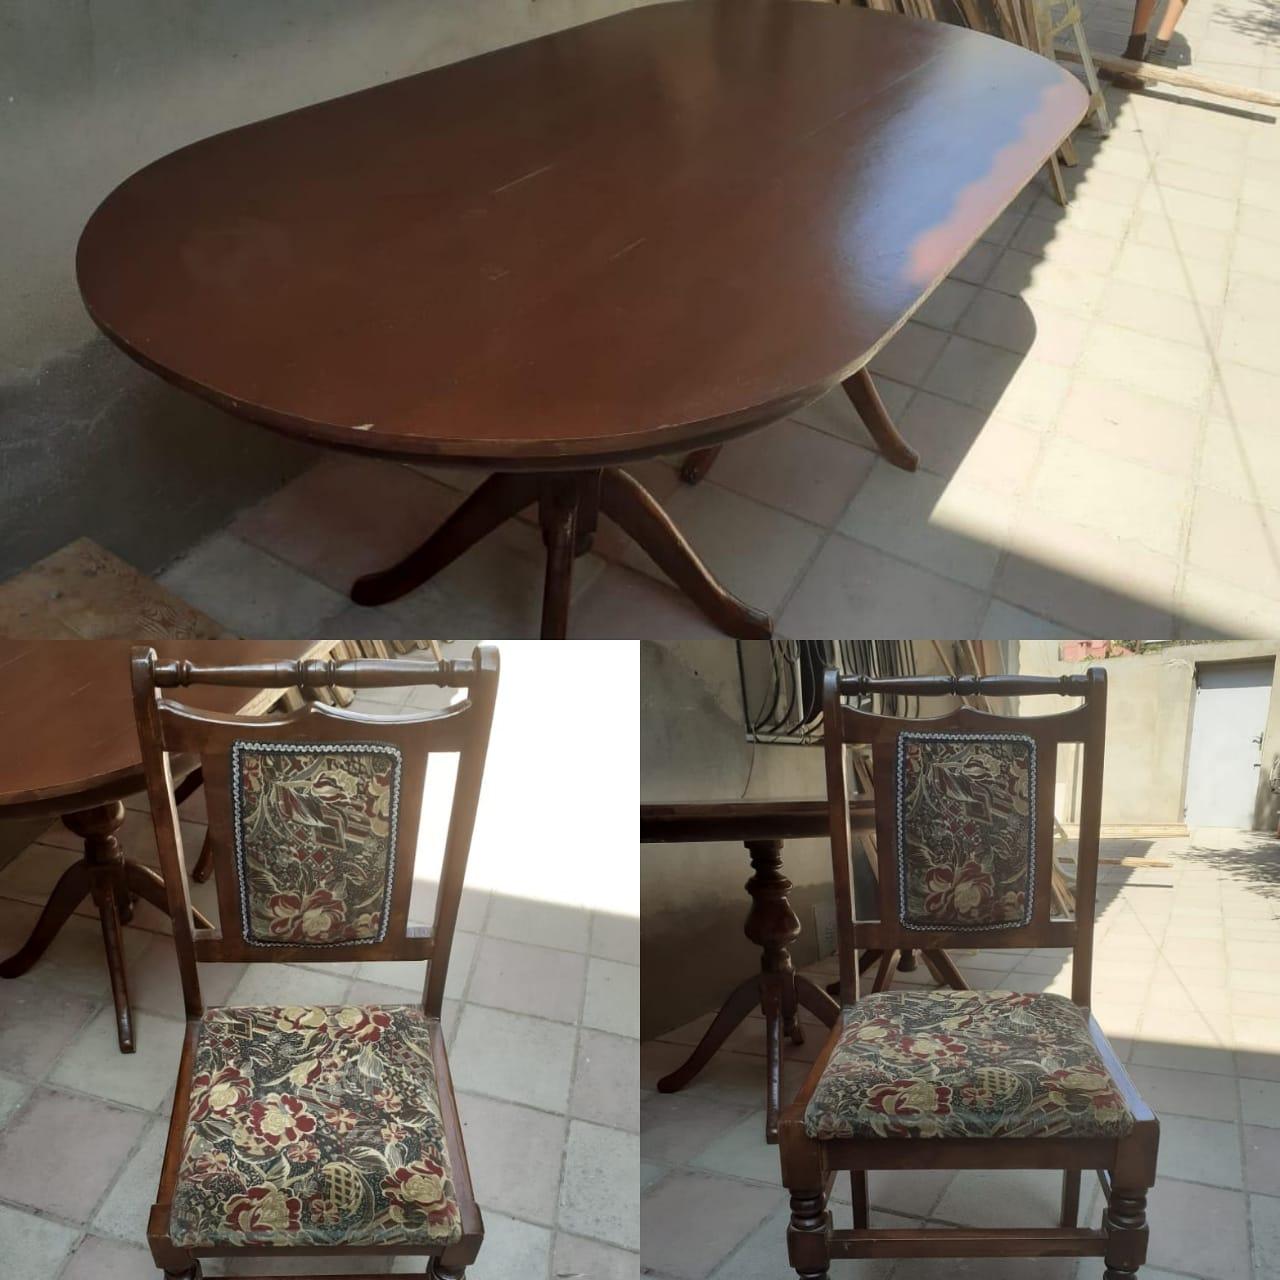 Stol+6stul 170 ₼ satılır. Masa açılmır. Ərazi Əmircan.